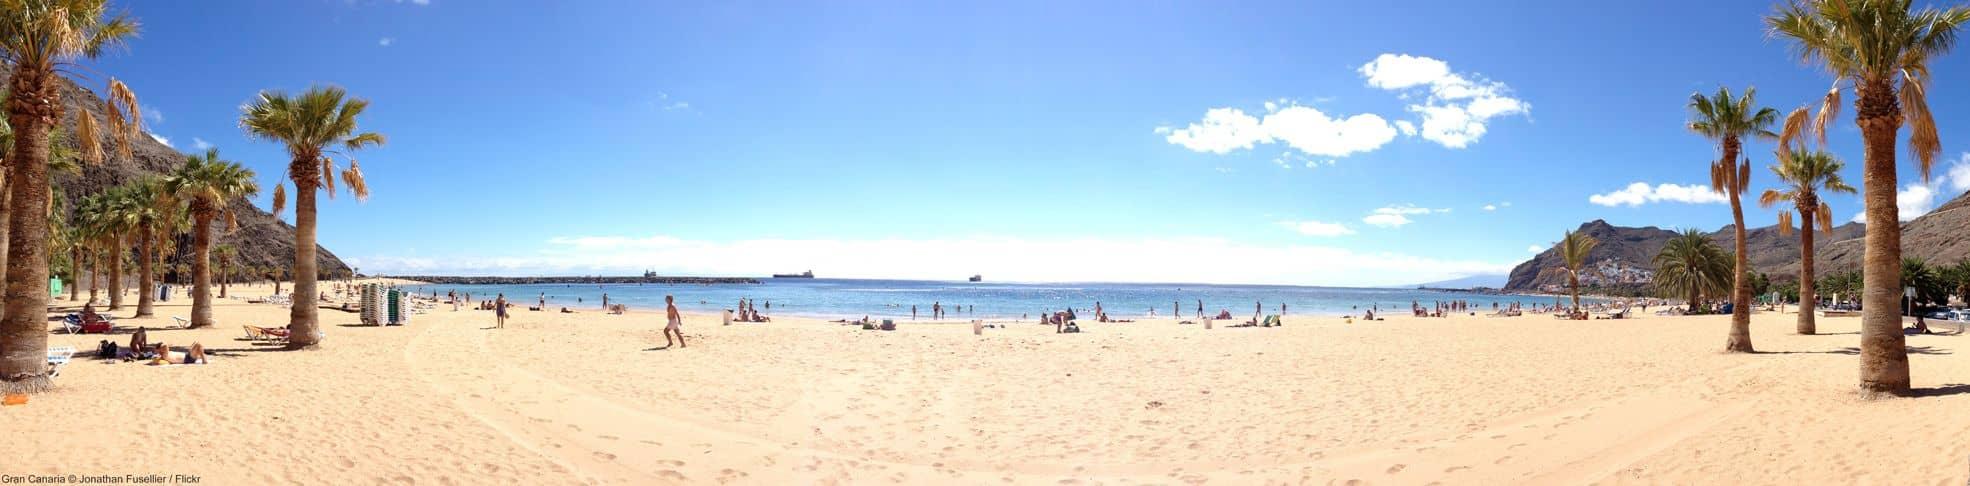 Hotel Tenerife Playa De Las Americas H